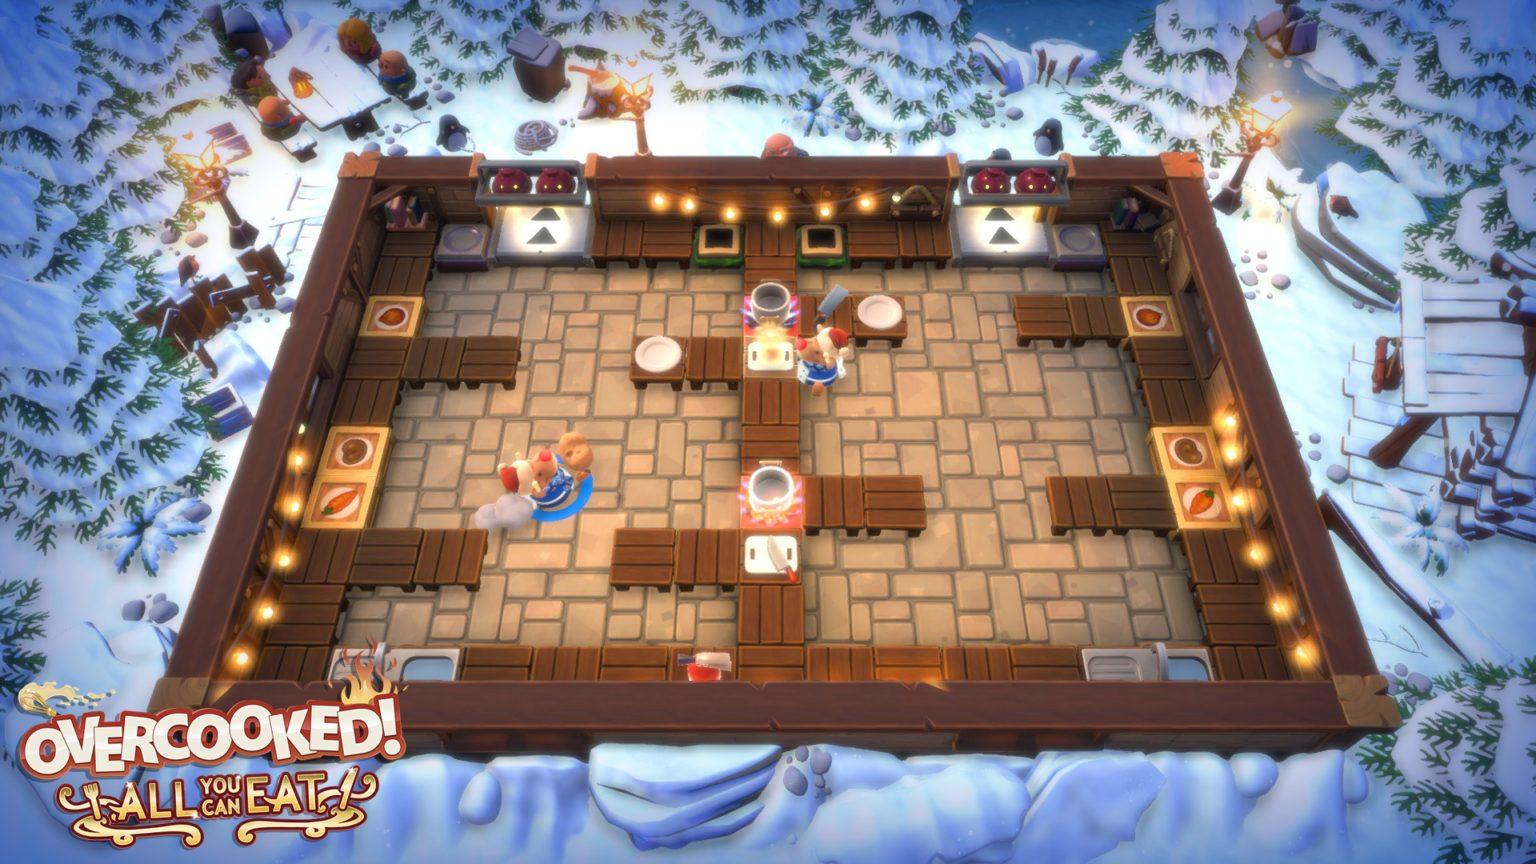 「オーバークック 王国のフルコース」ゲームプレイ